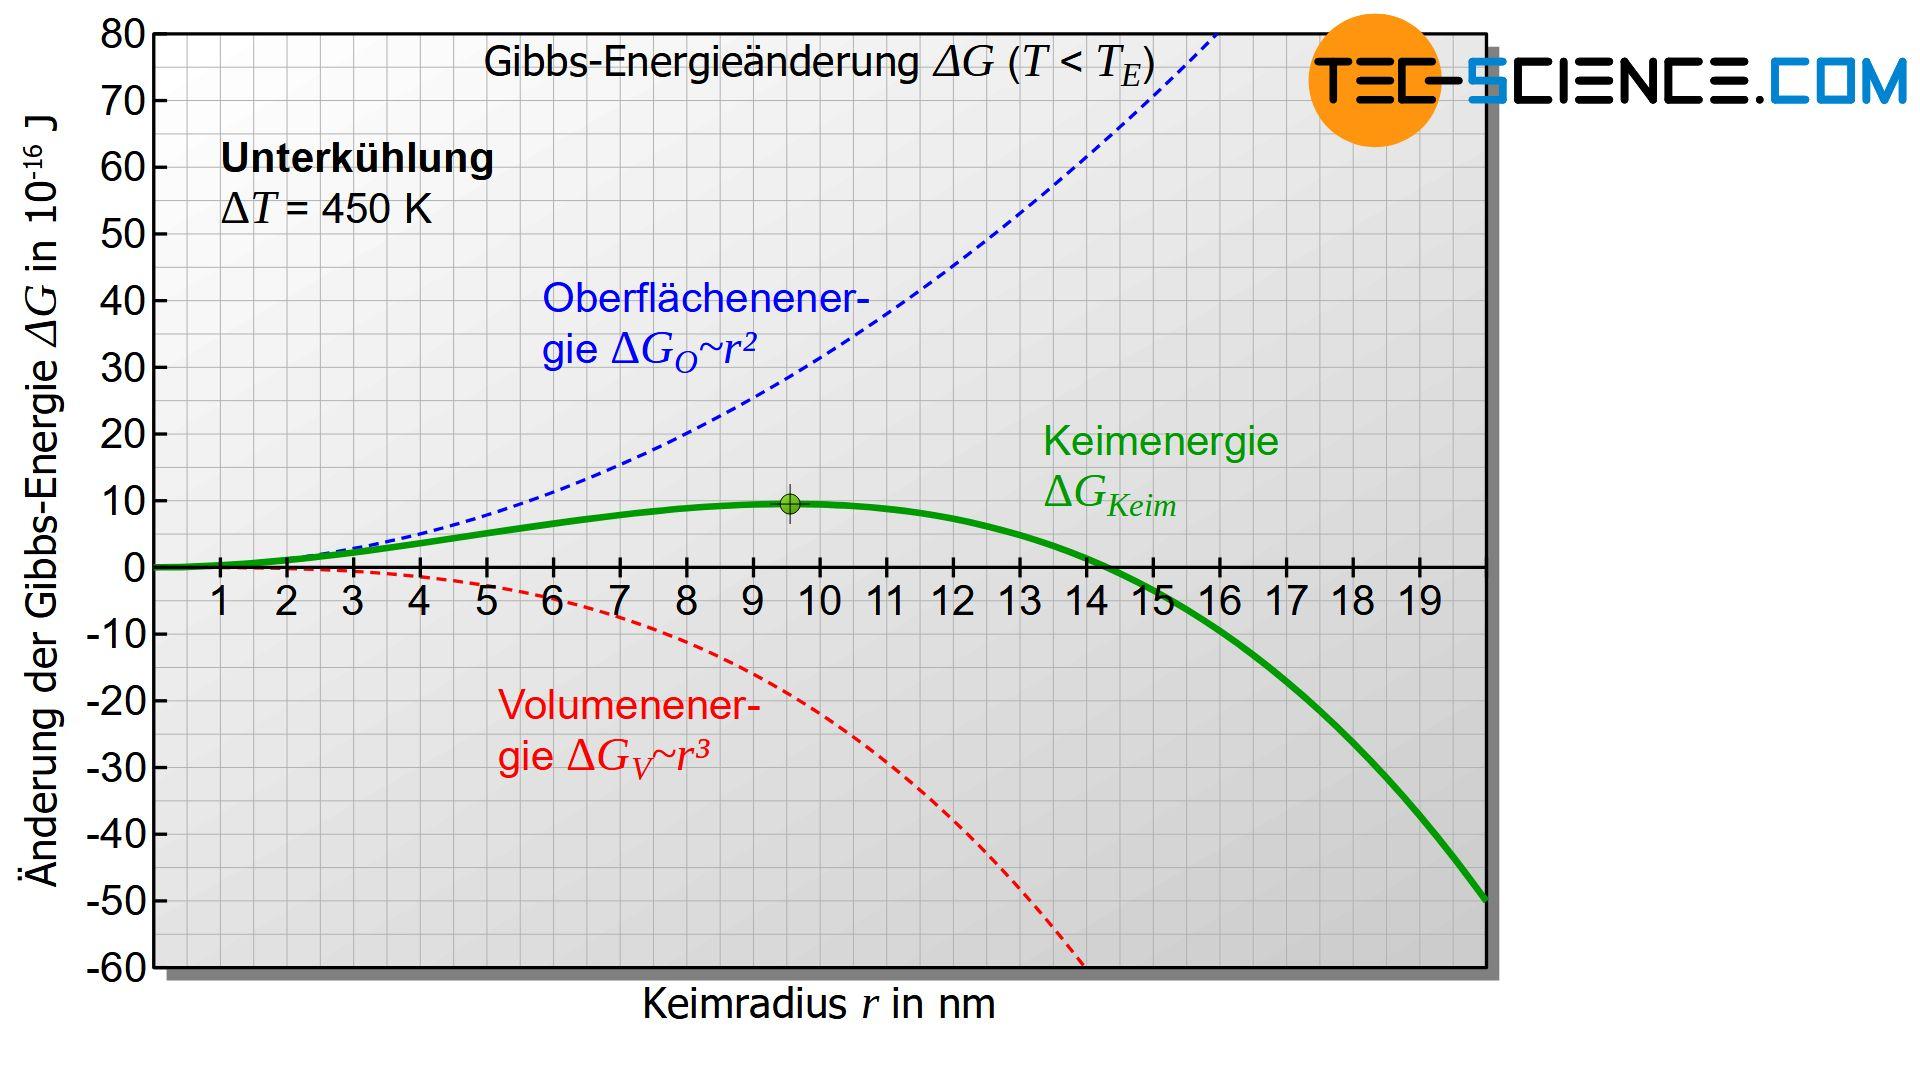 Änderung der Gibbs-Energie als Funktion des Keimradius bei Unterkühlung